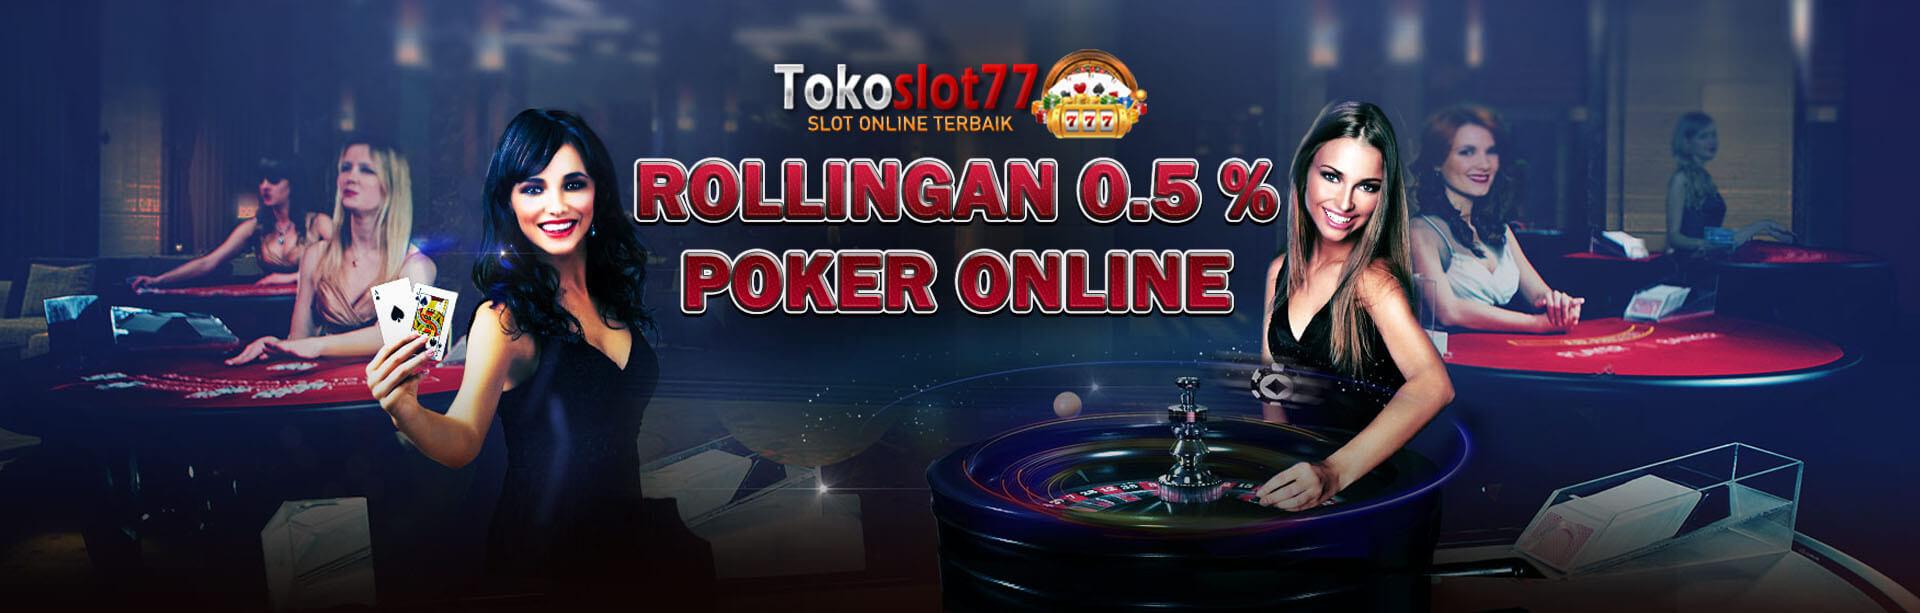 Bonus poker online tokoslot77